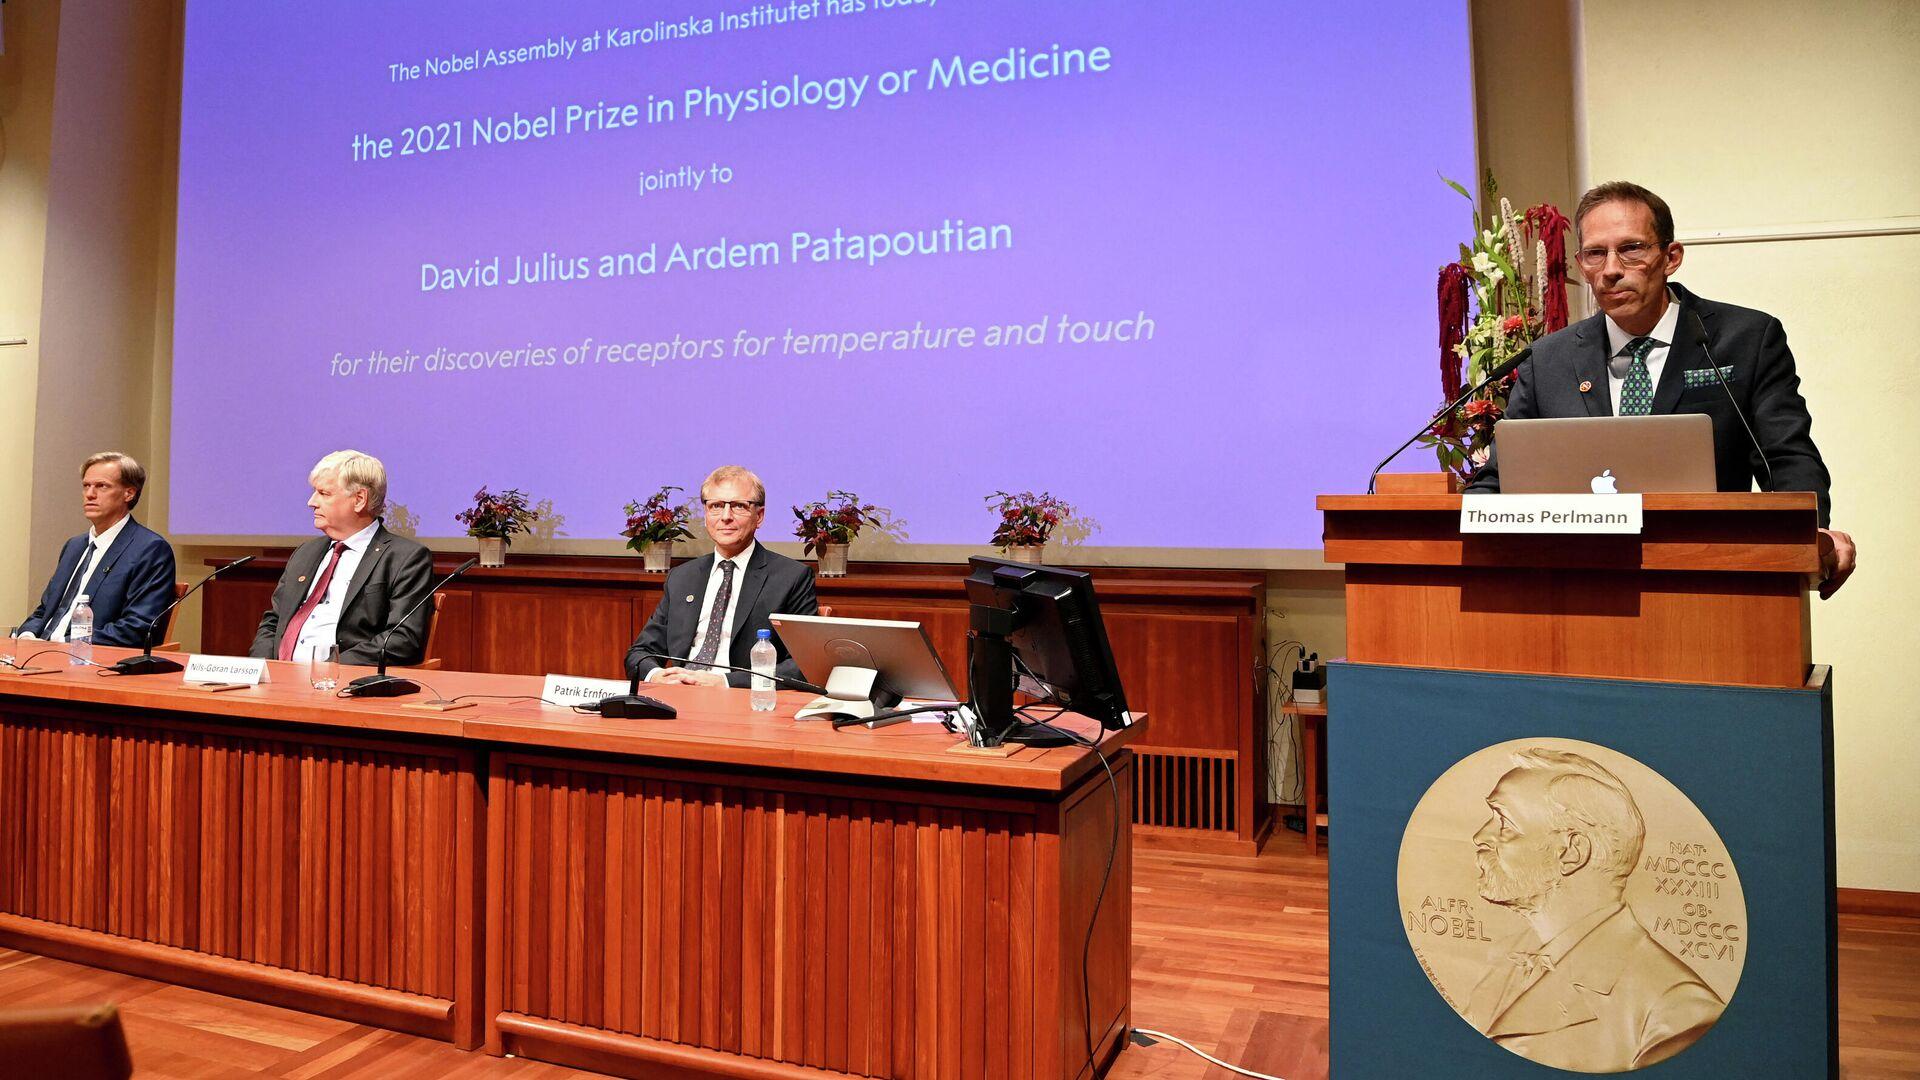 David Julius y Ardem Patapoutian ganan el Premio Nobel de Fisiología o Medicina 2021 - Sputnik Mundo, 1920, 04.10.2021